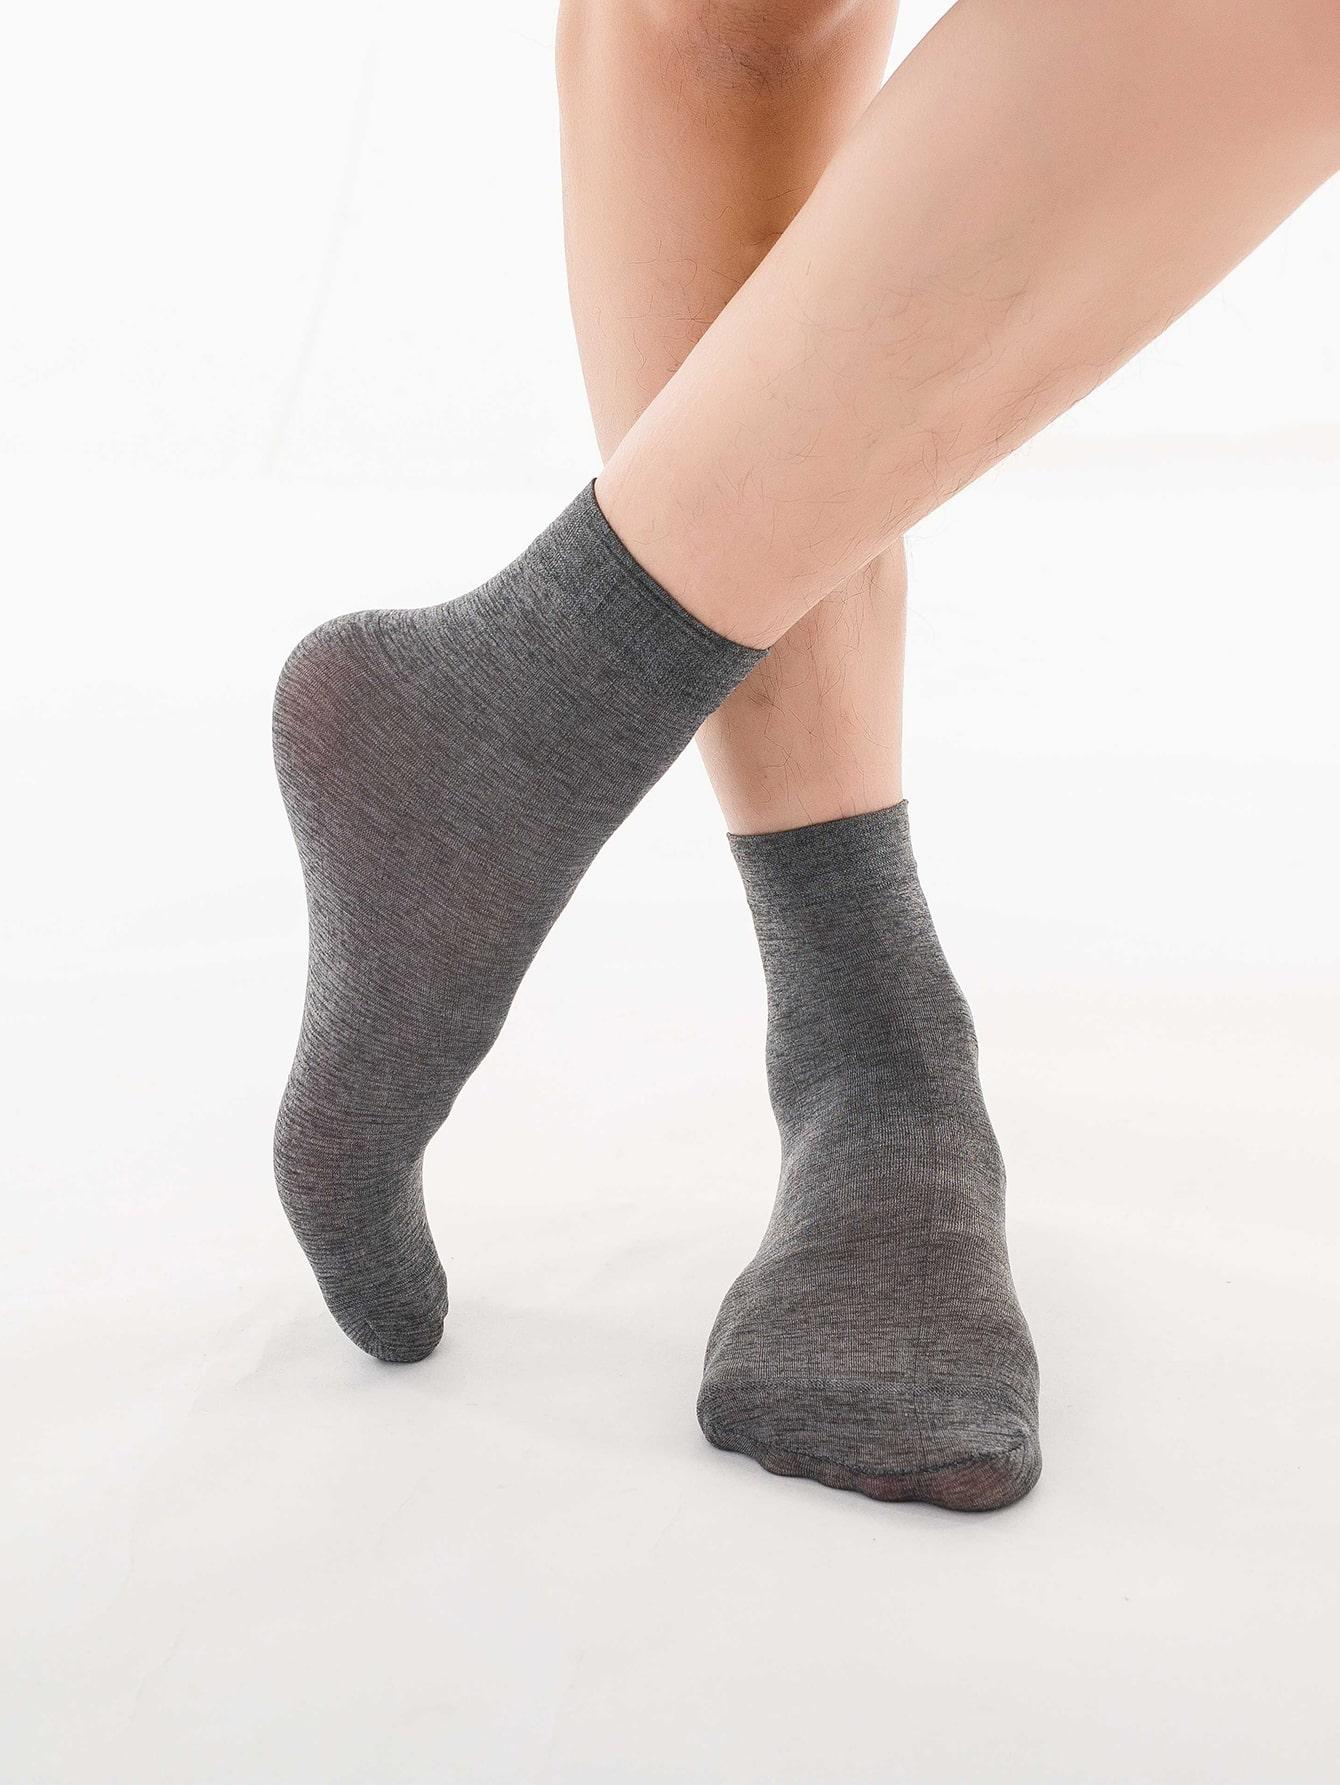 Newdora 6 Pares Calcetines Para Hombre y Mujer,Calcet/ín Unisex Adulto S/úper Suaves y C/ómodos,Calcetines hasta la Pantorrilla Transpirables e Deportivos